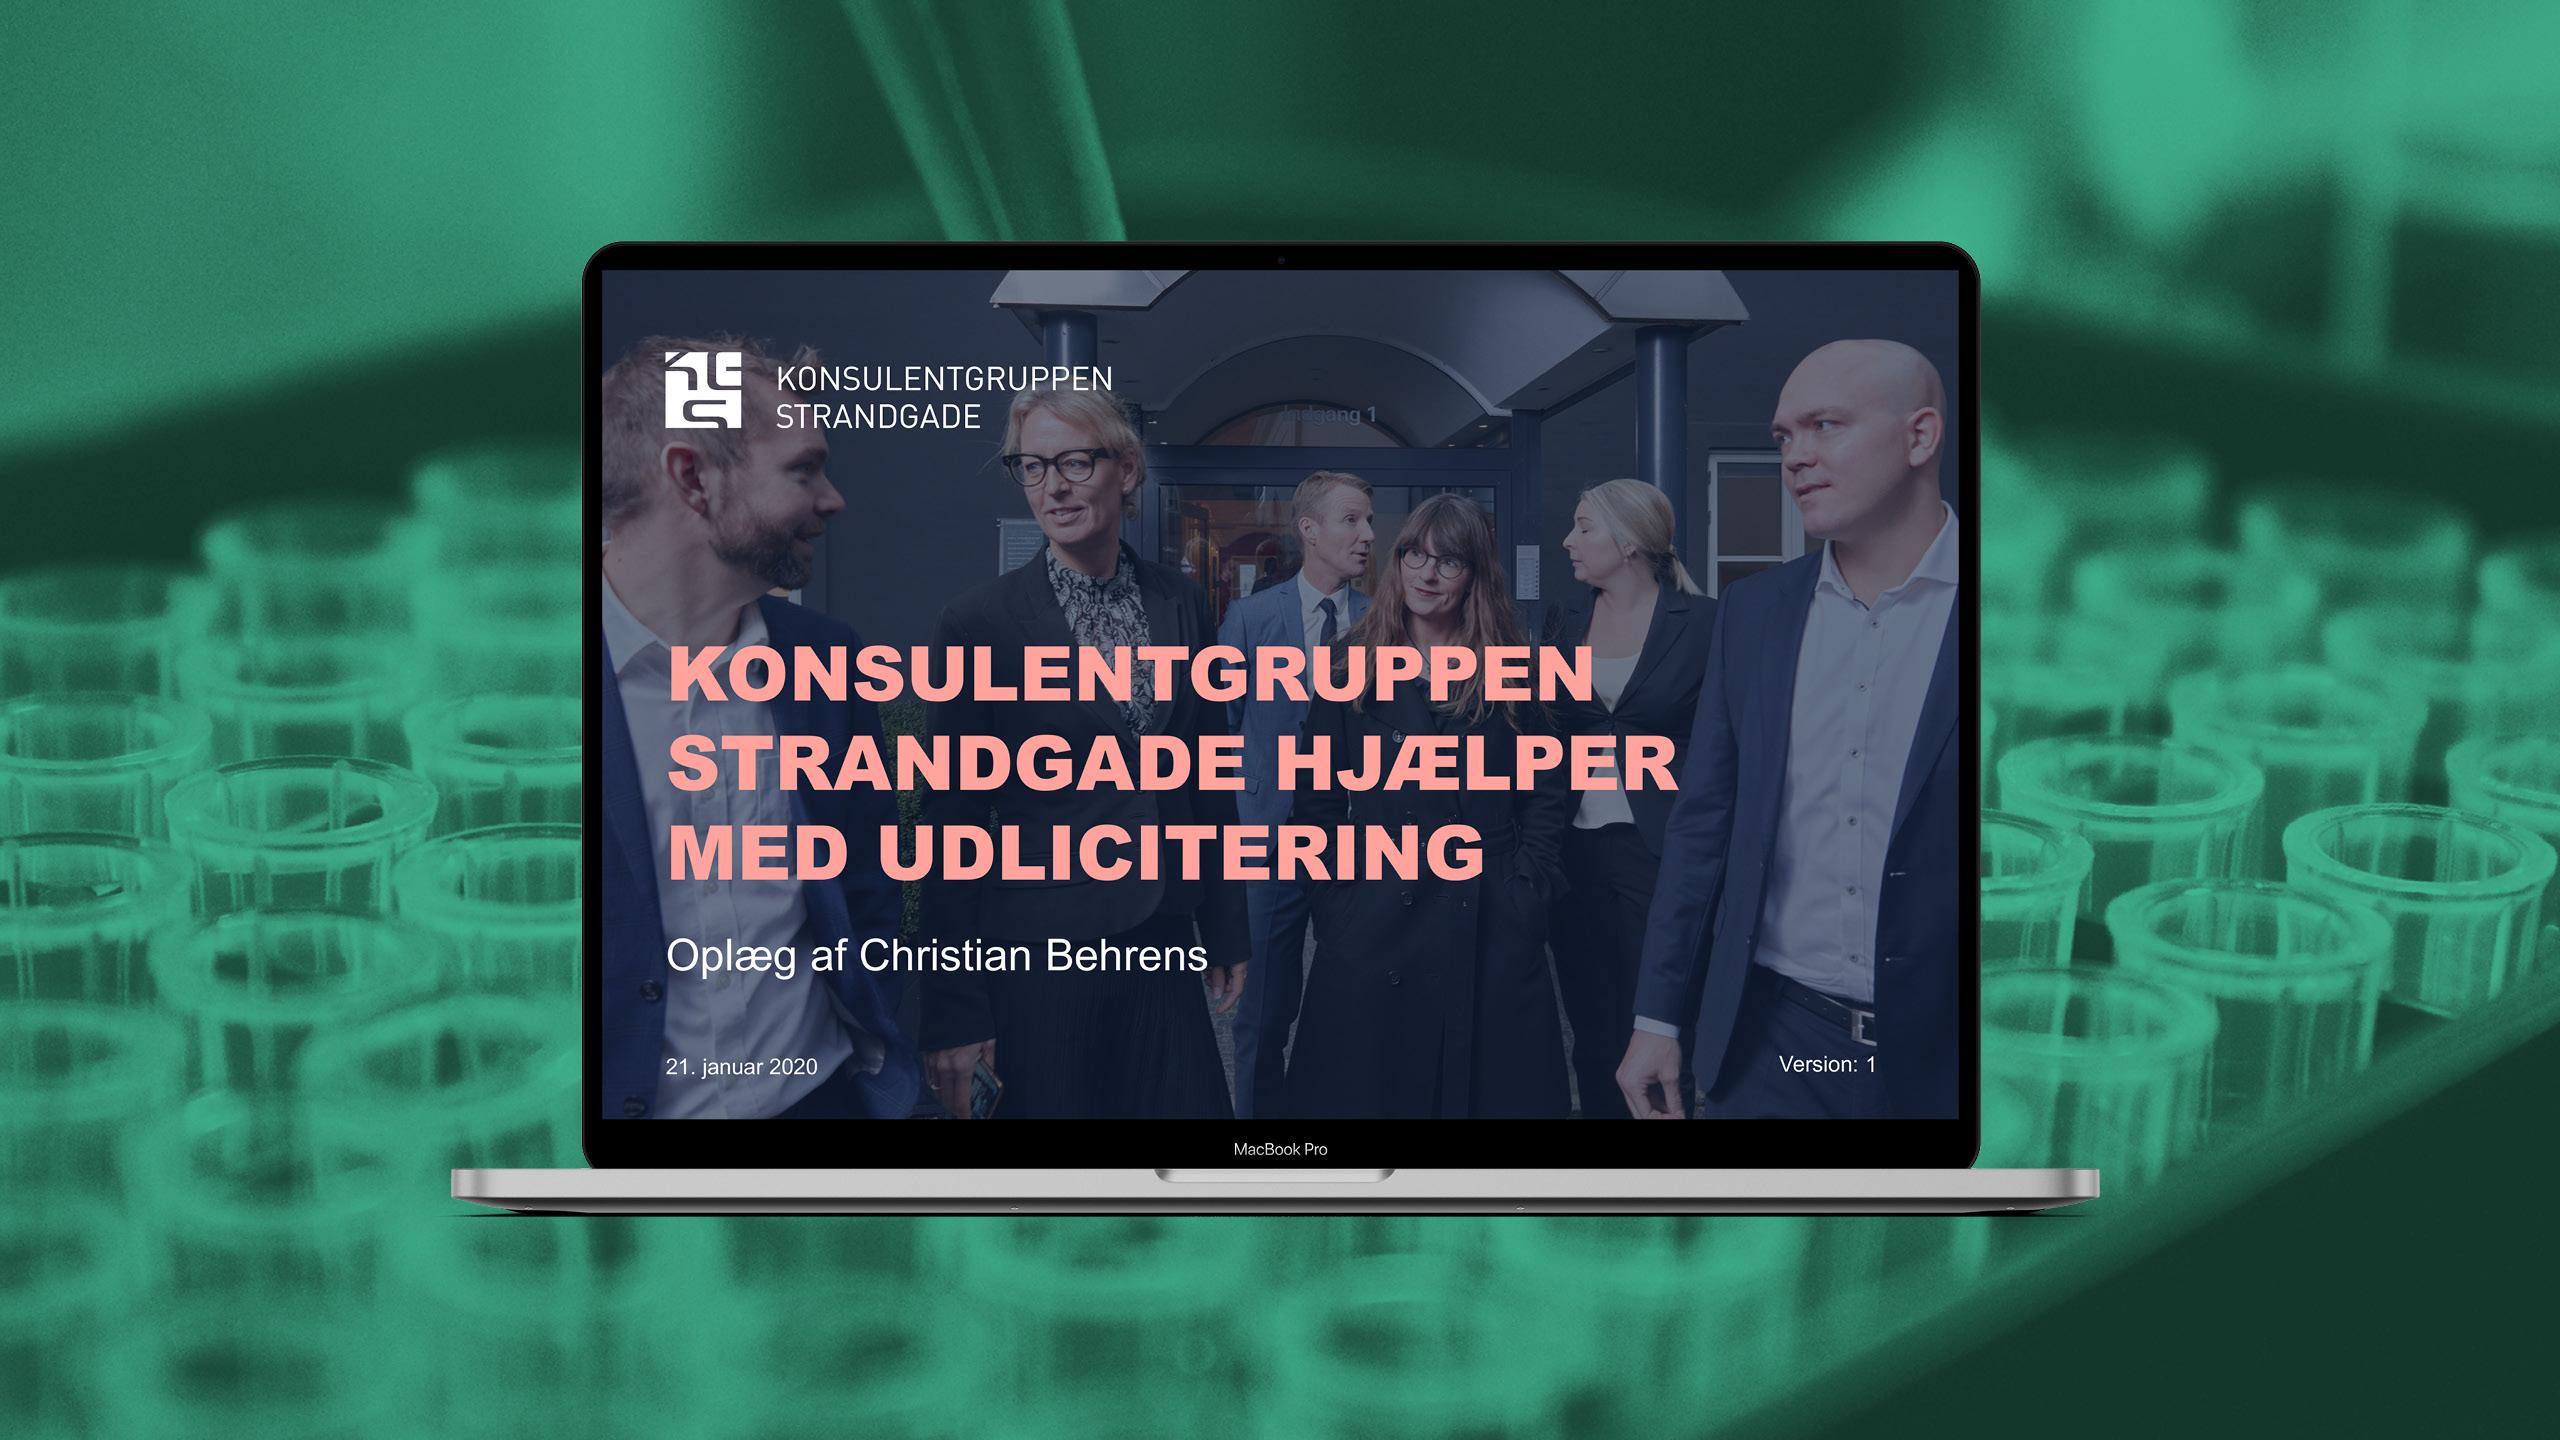 Konsulentgruppen_Strandgade_Store_thumb